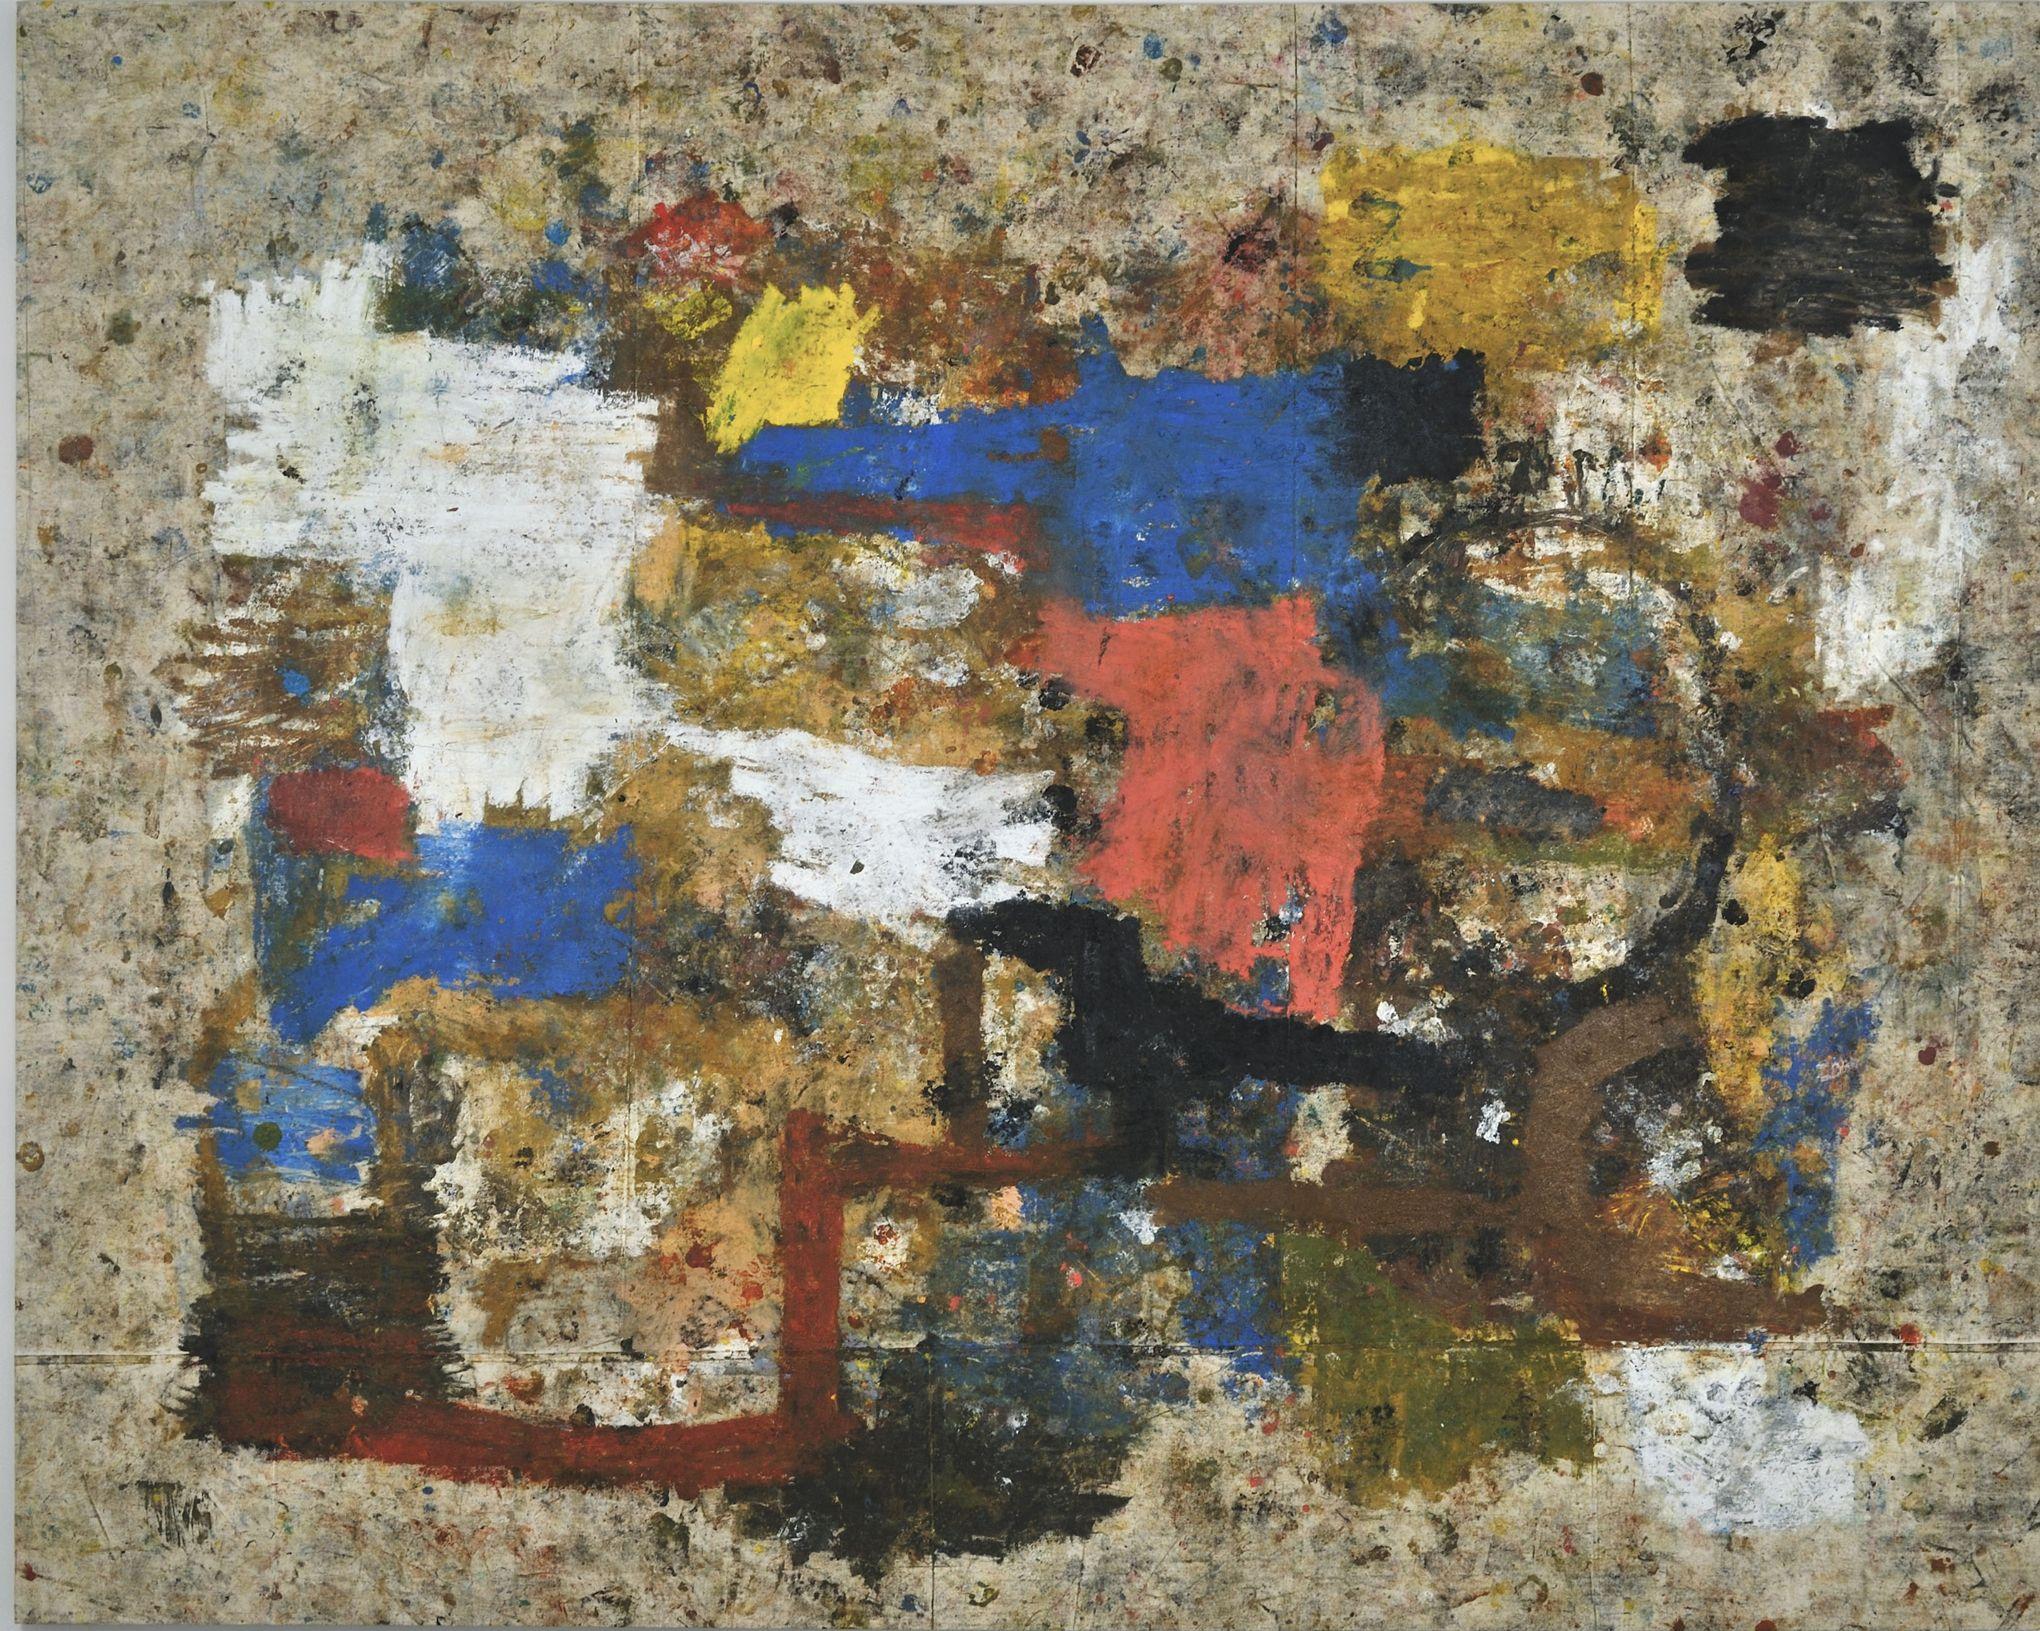 Peintre Contemporain Célèbre Vivant 10 peintres à l'affiche dans les galeries à paris